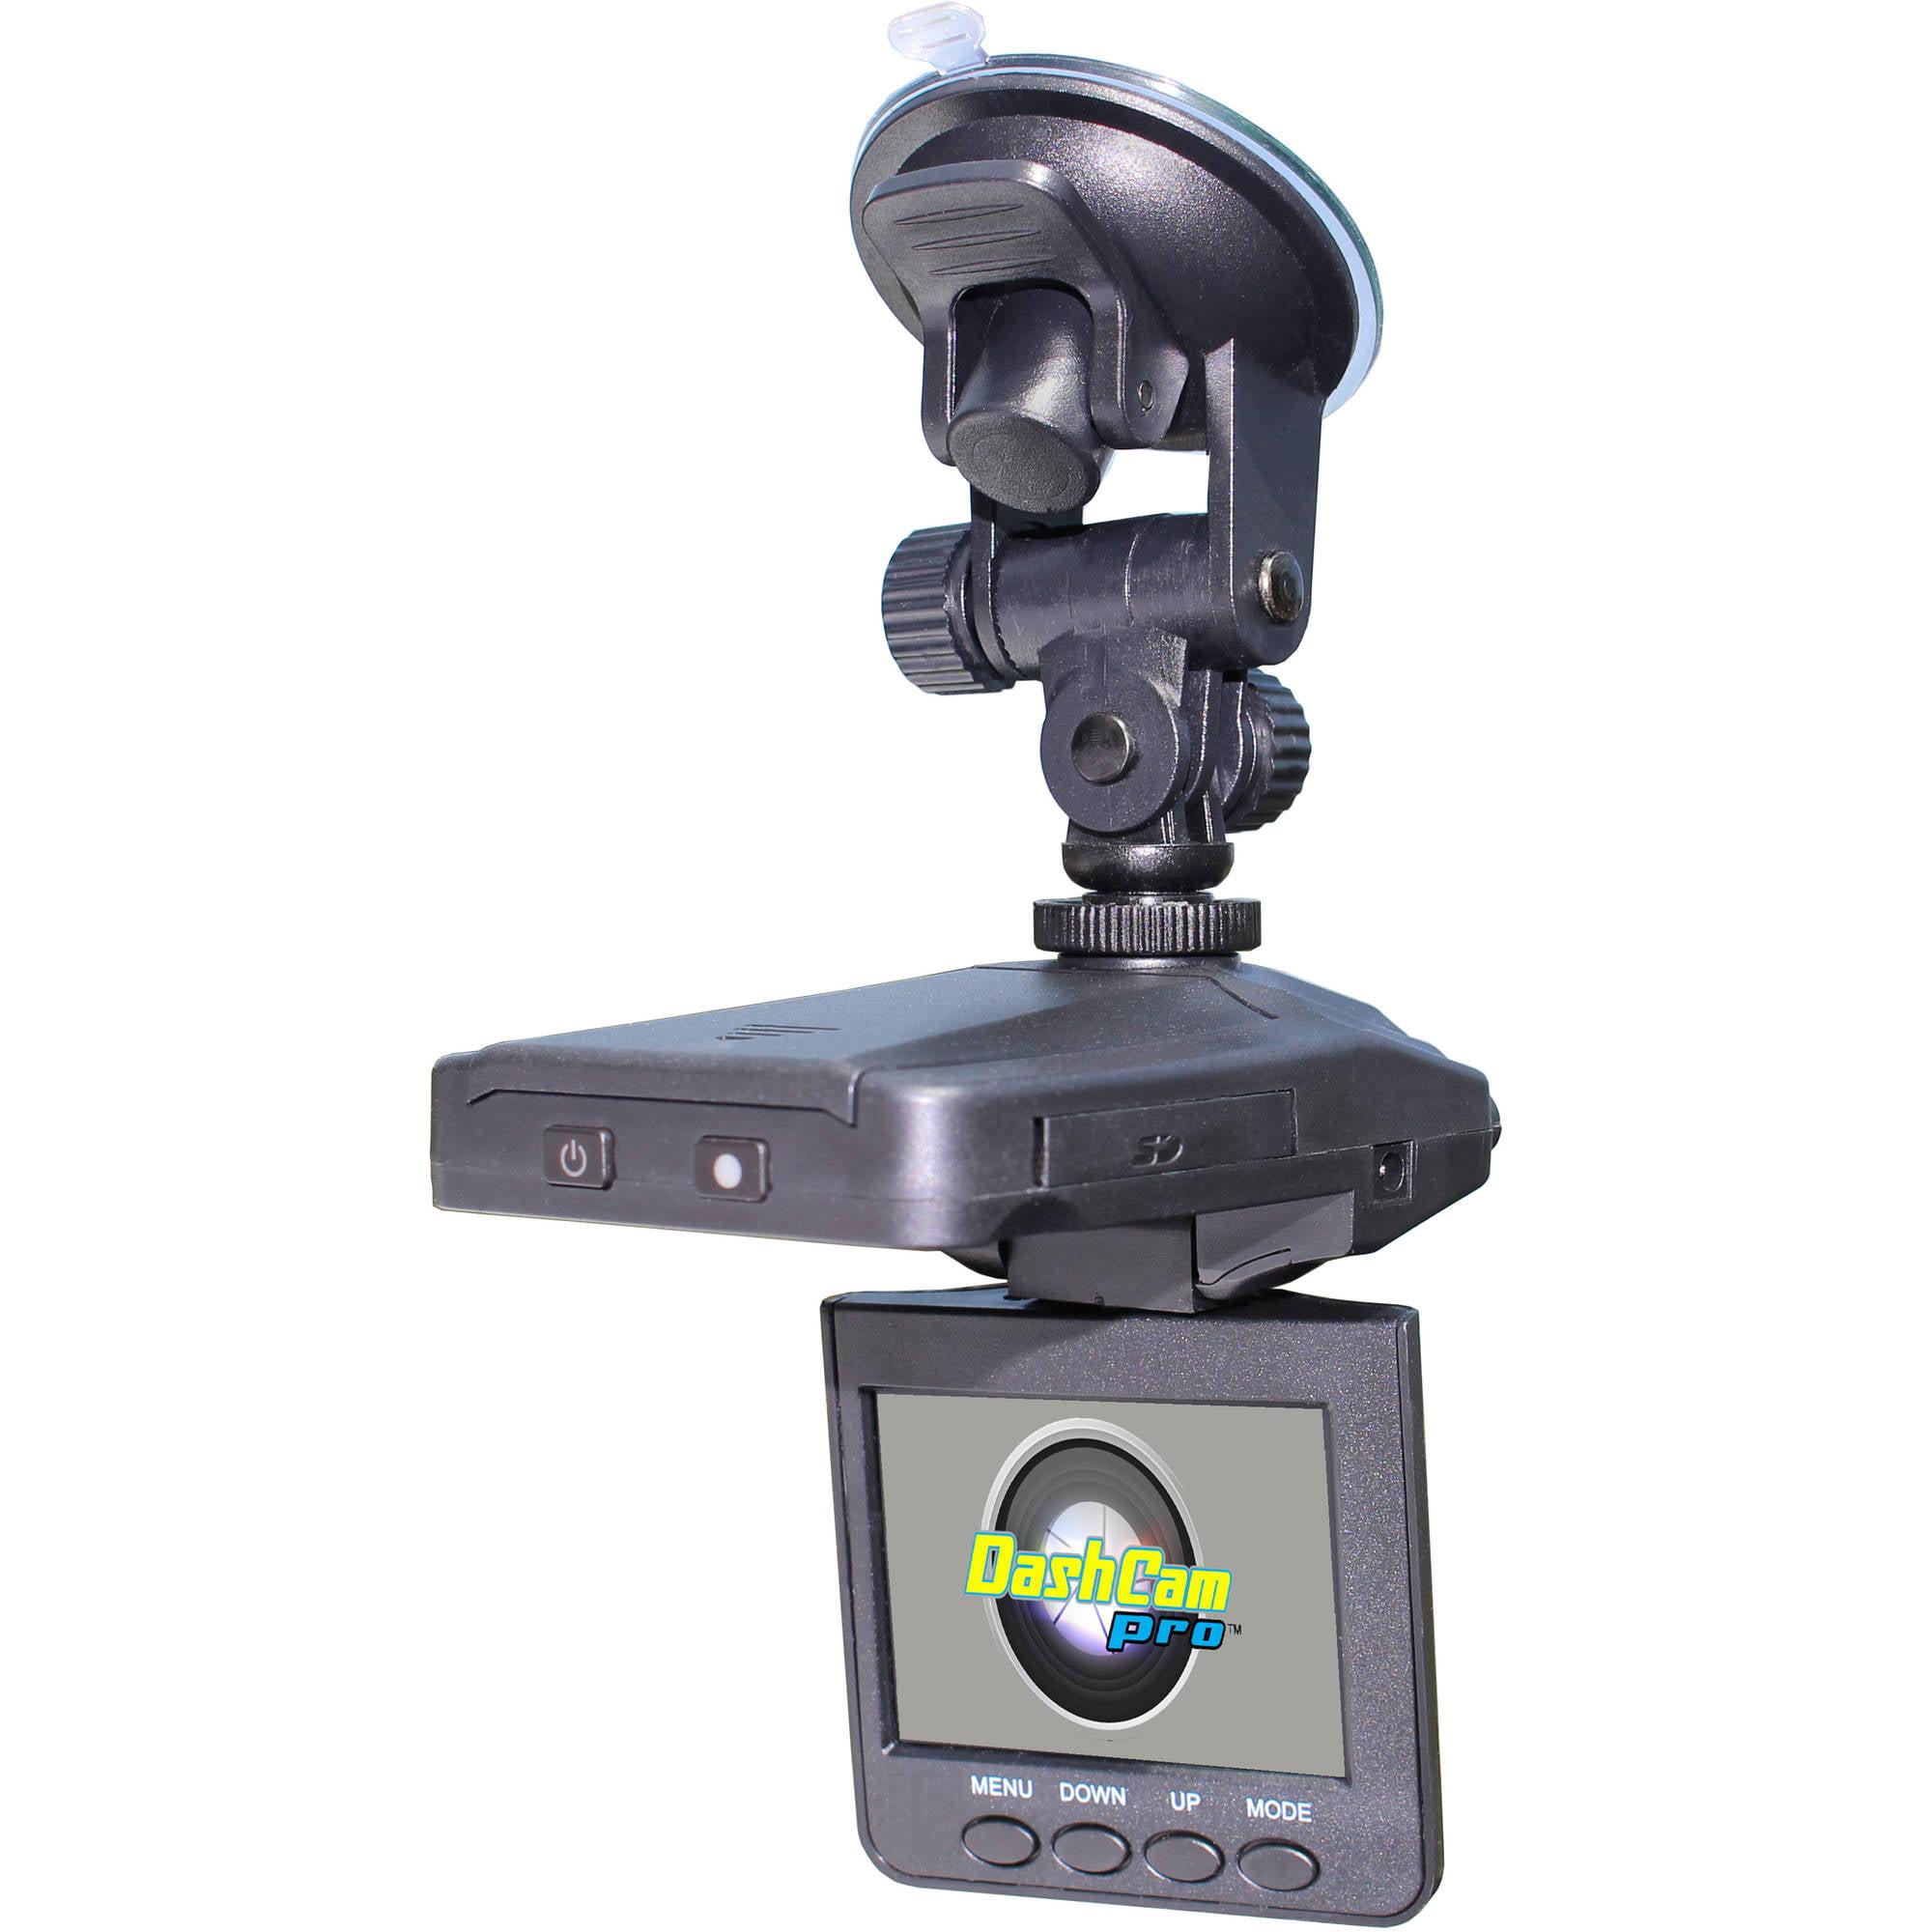 InvenTel Dash Cam Pro, DCP-MC6/2